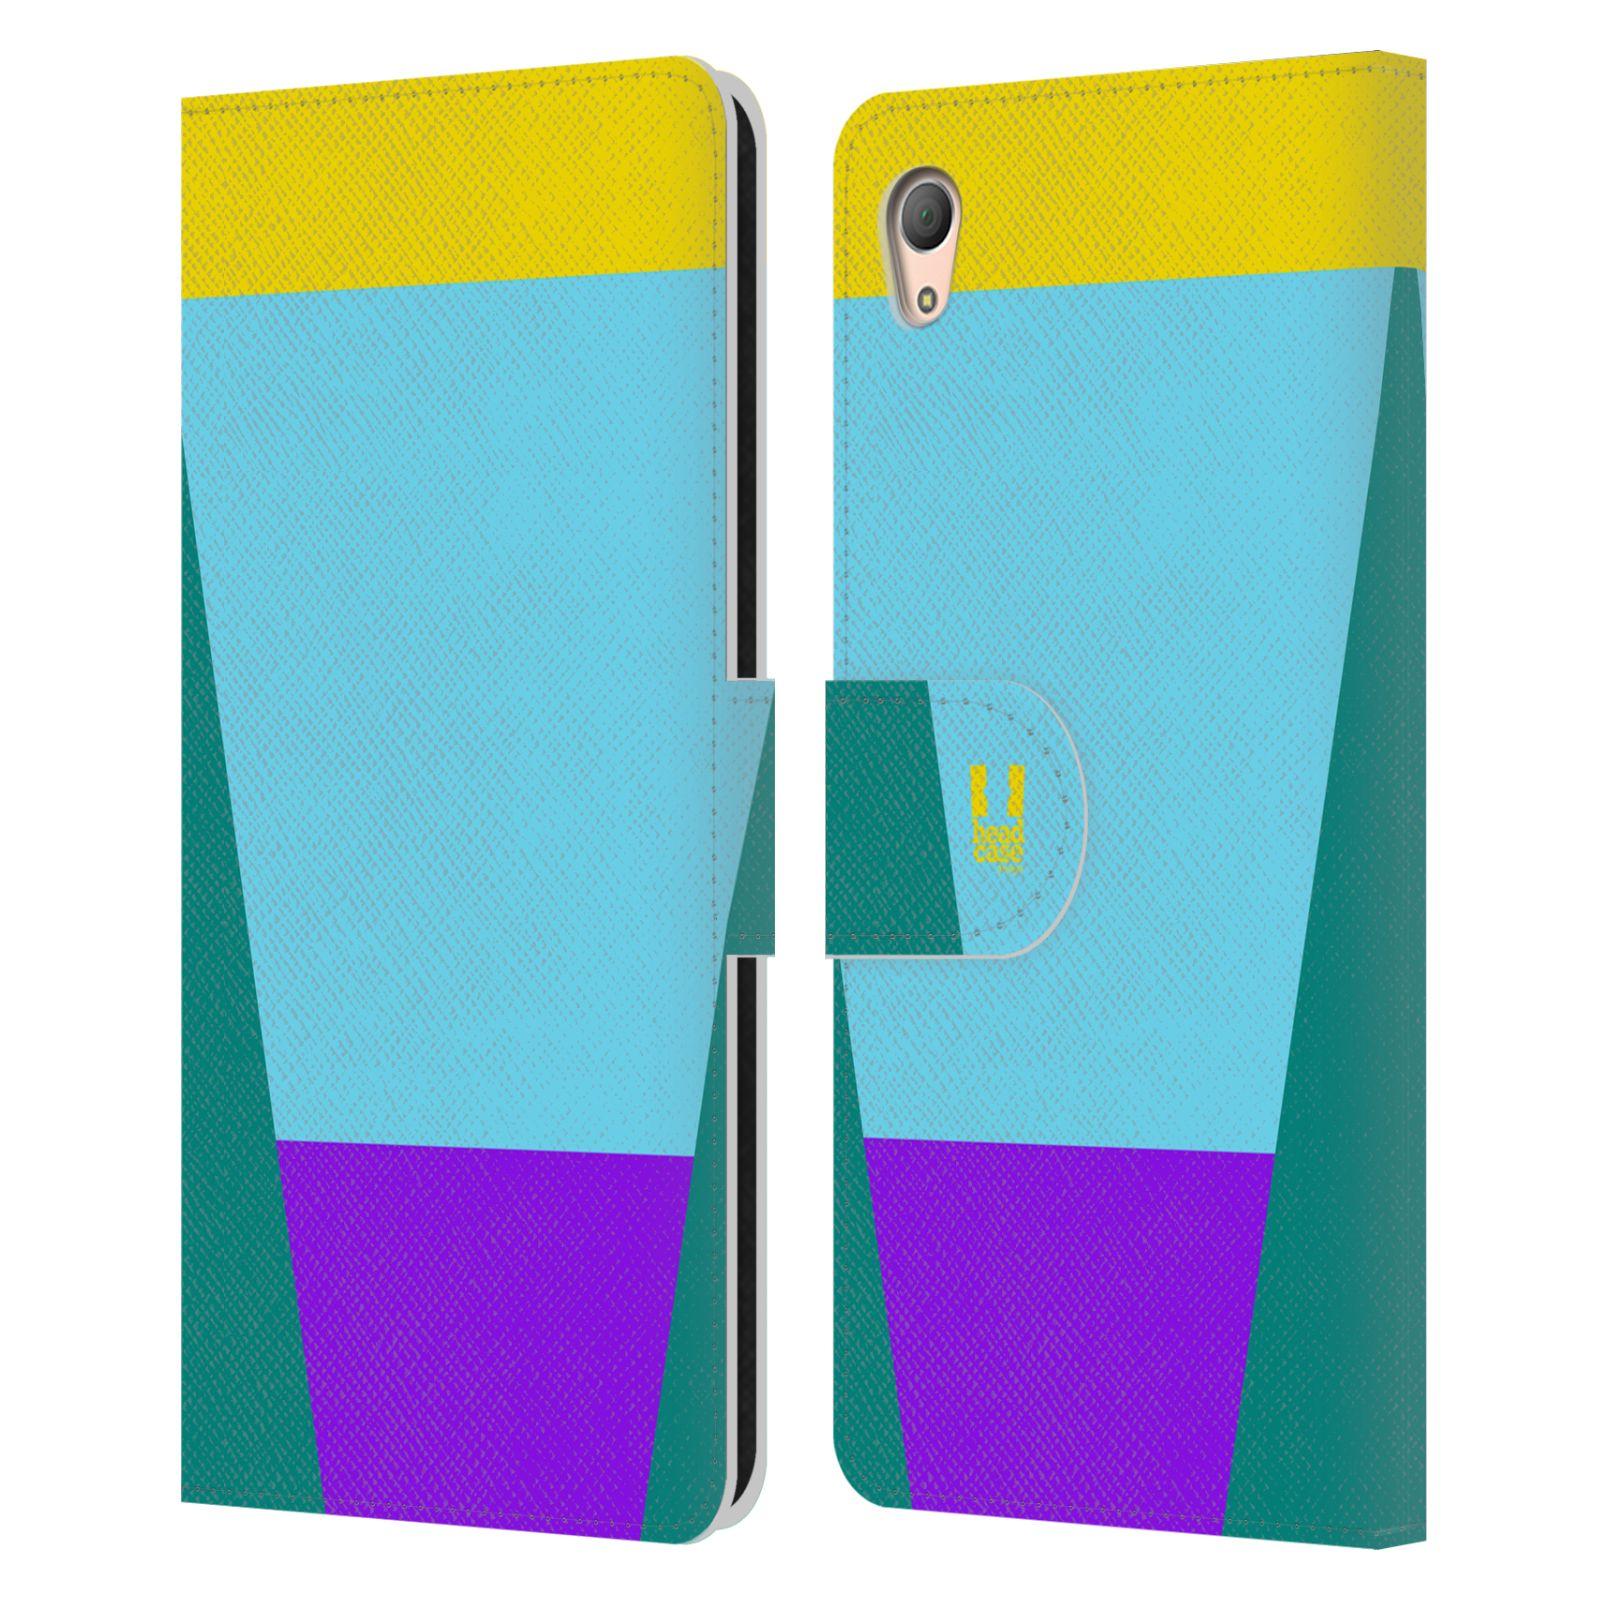 HEAD CASE Flipové pouzdro pro mobil SONY XPERIA Z3+(Z3 PLUS) barevné tvary nebesky modrá